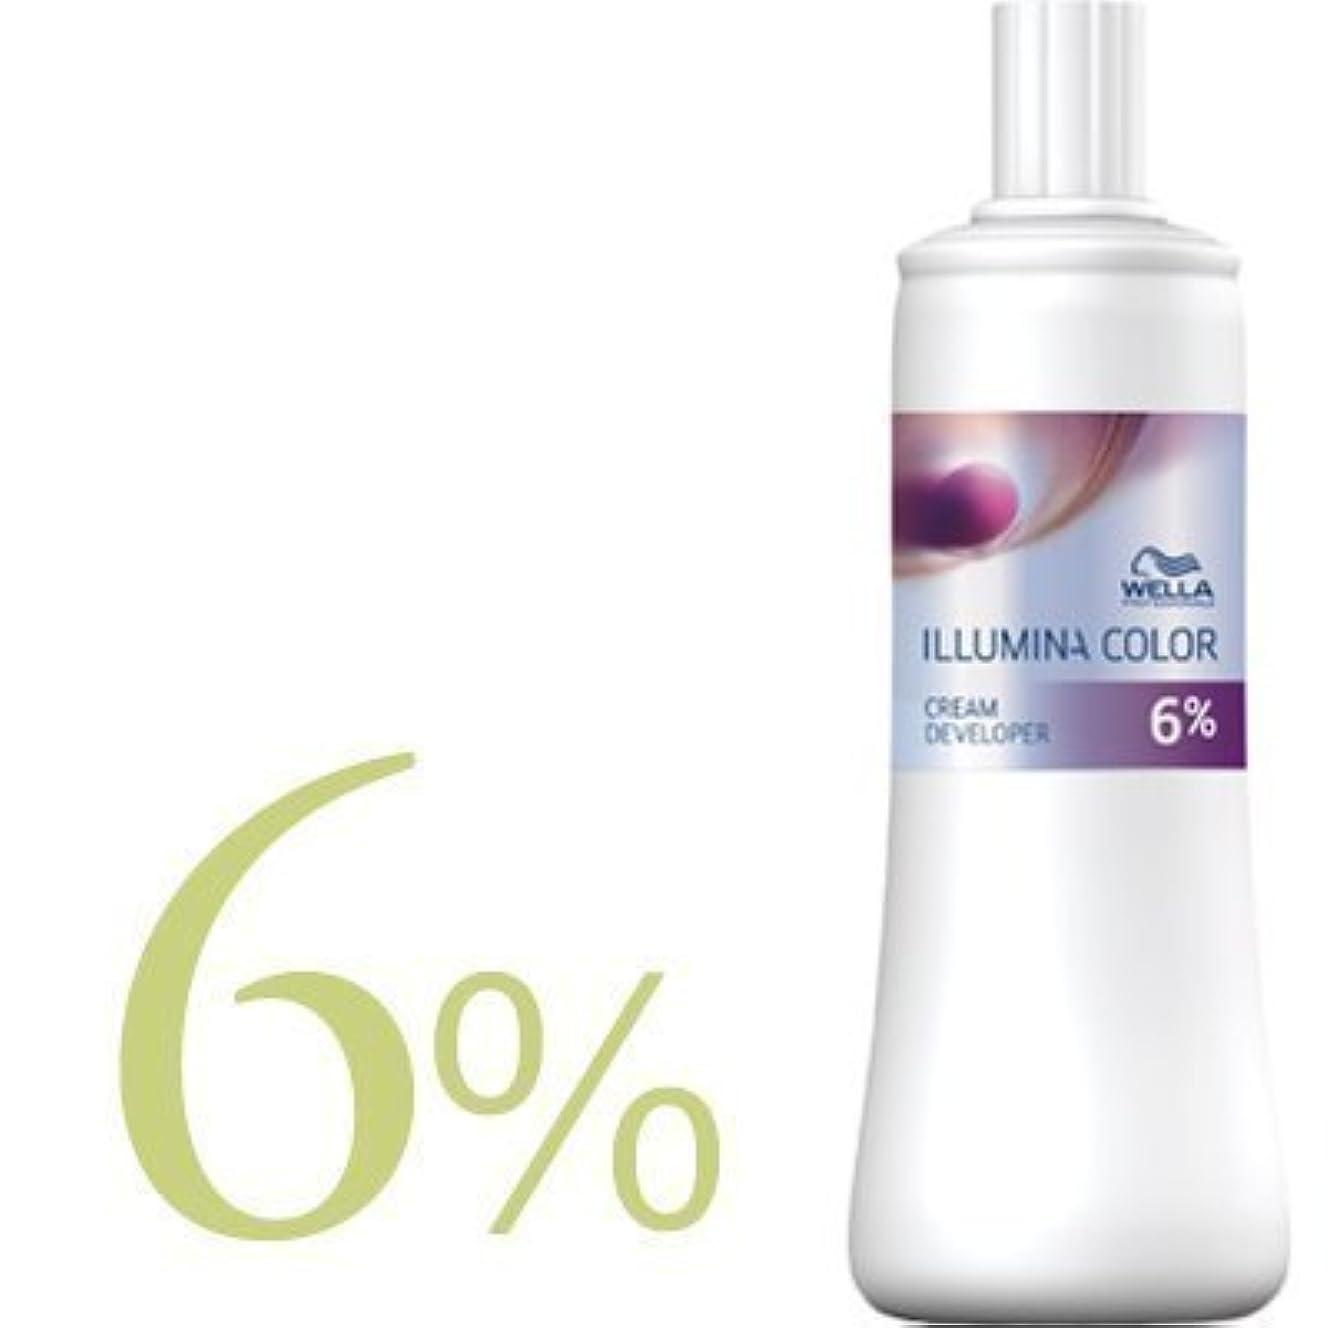 同等のタッチうまくやる()ウエラ イルミナカラー クリームディベロッパー 2剤 1000ml 【WELLA】(6%)